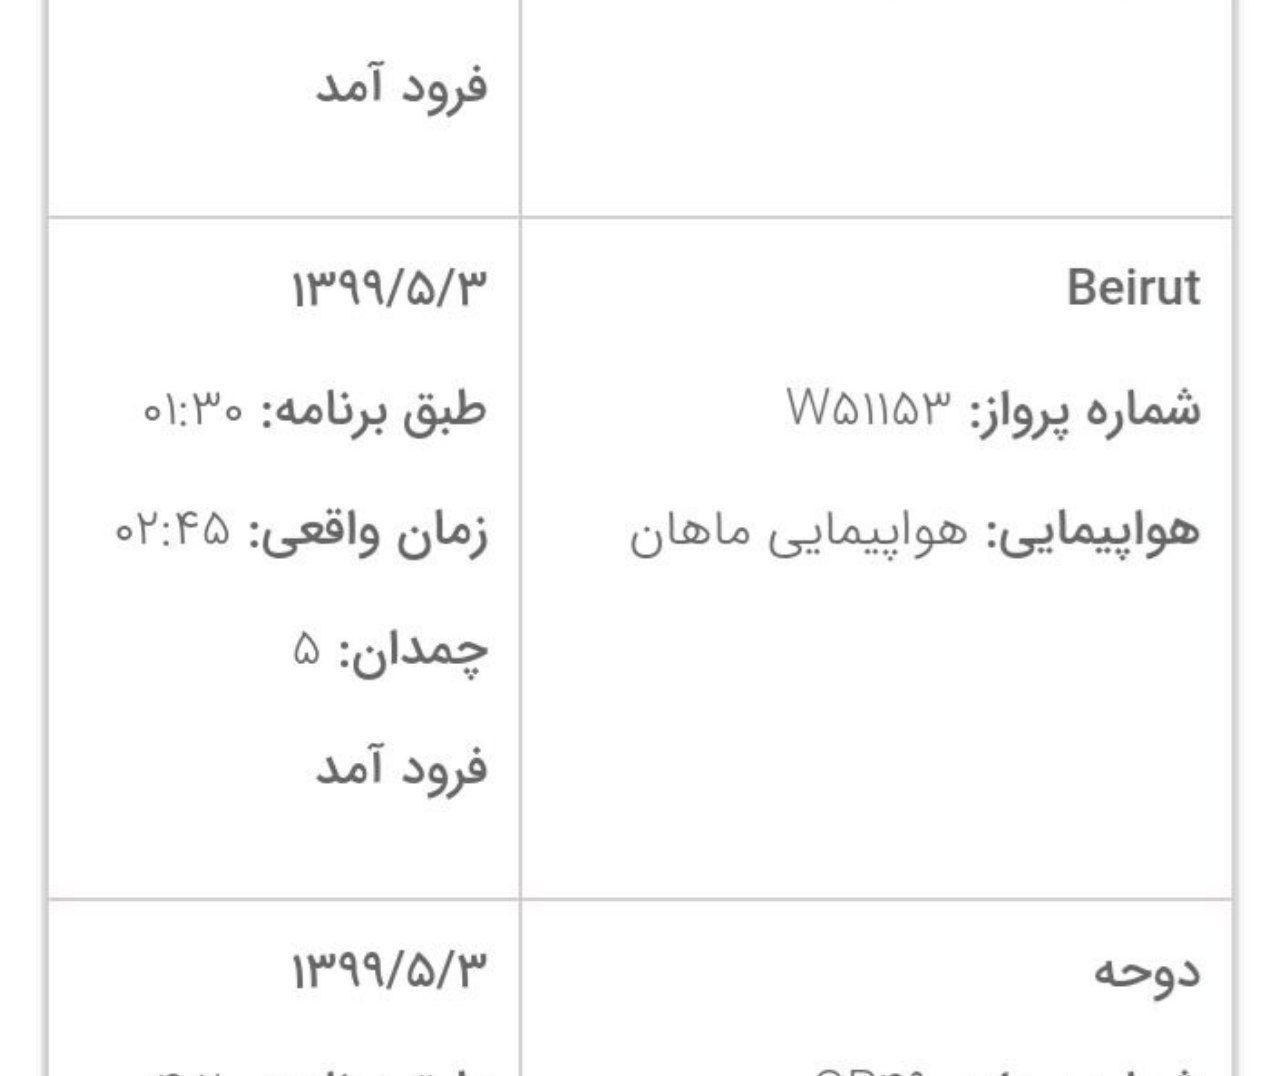 هواپیمای ماهان به تهران بازگشت